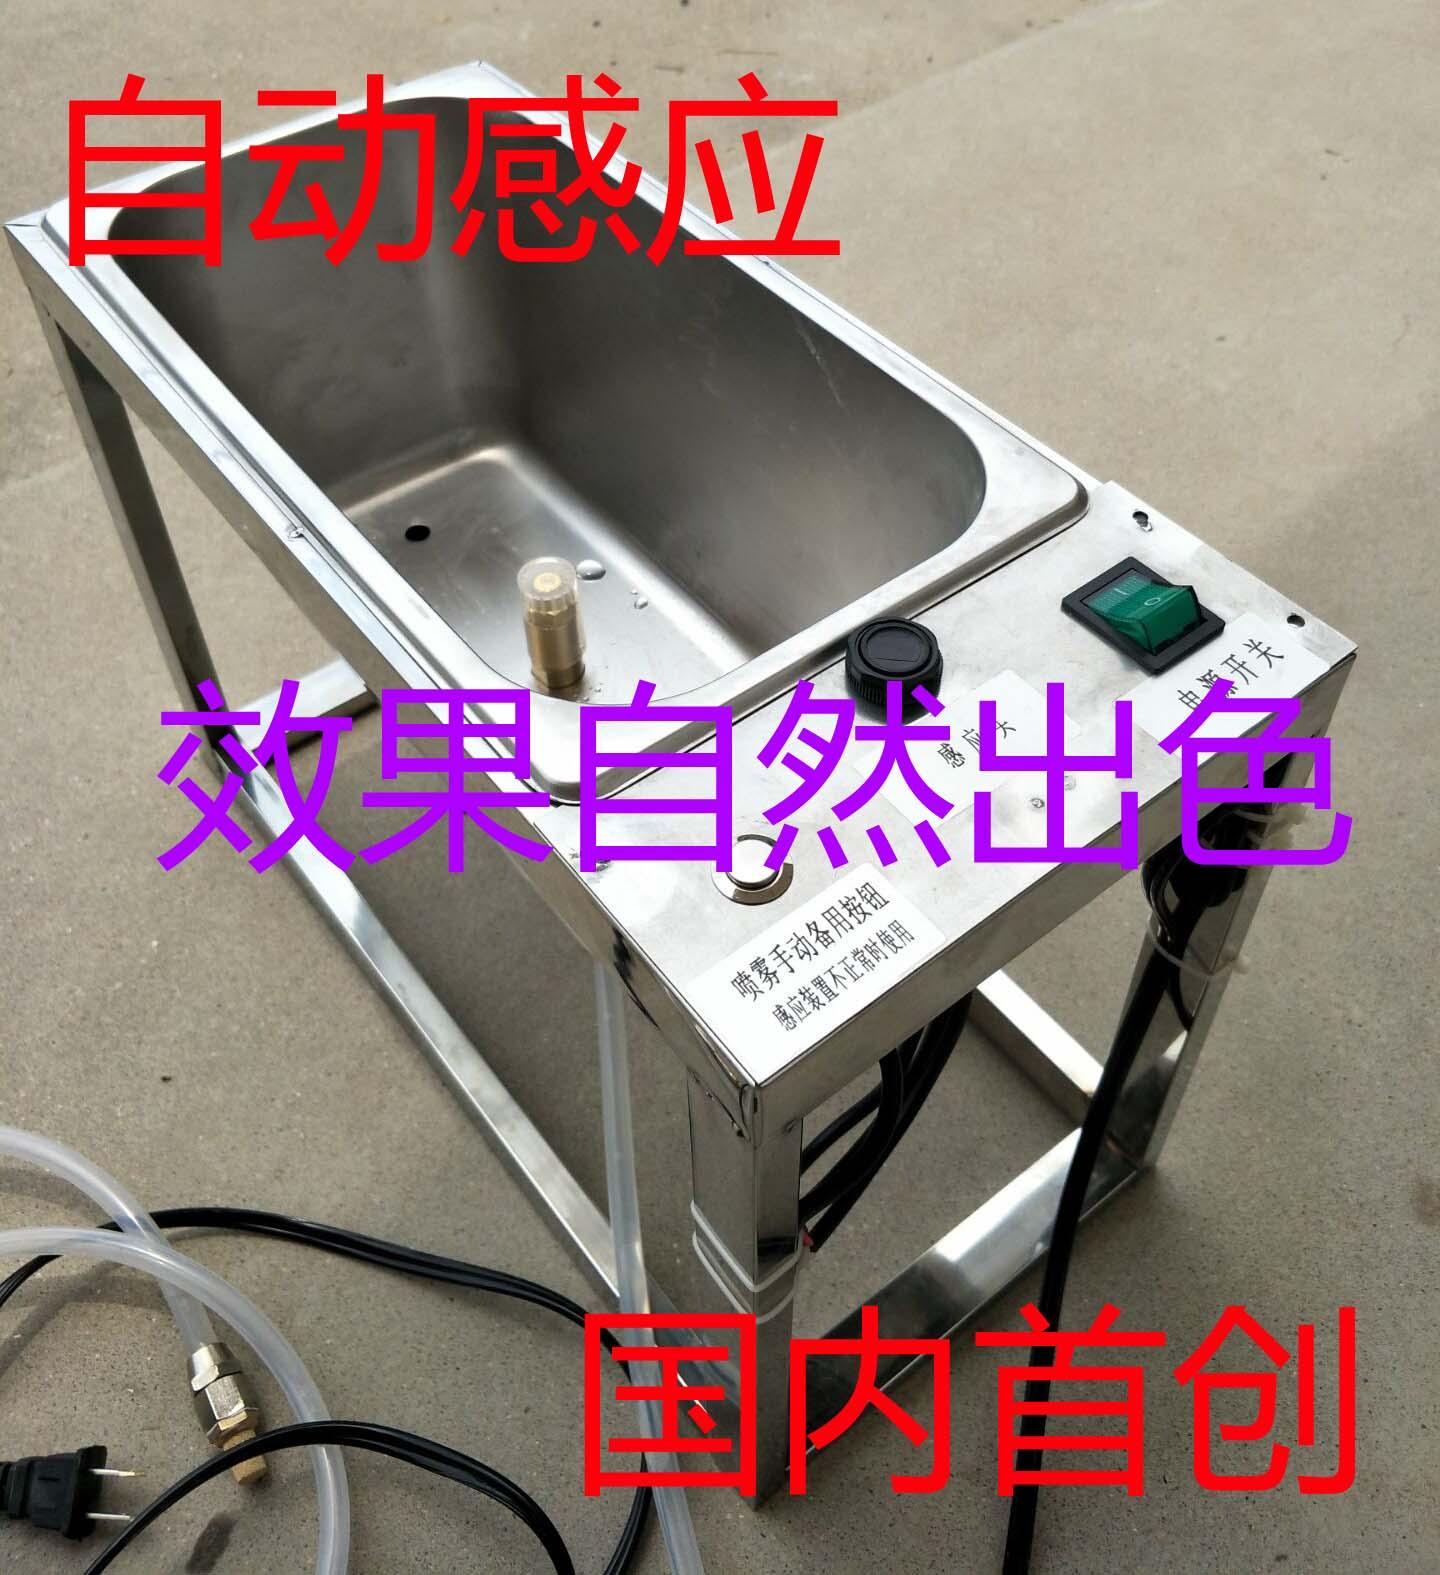 助焊剂喷雾炉 松香喷雾机 立式发泡炉 松香水发泡炉 涂助焊剂机